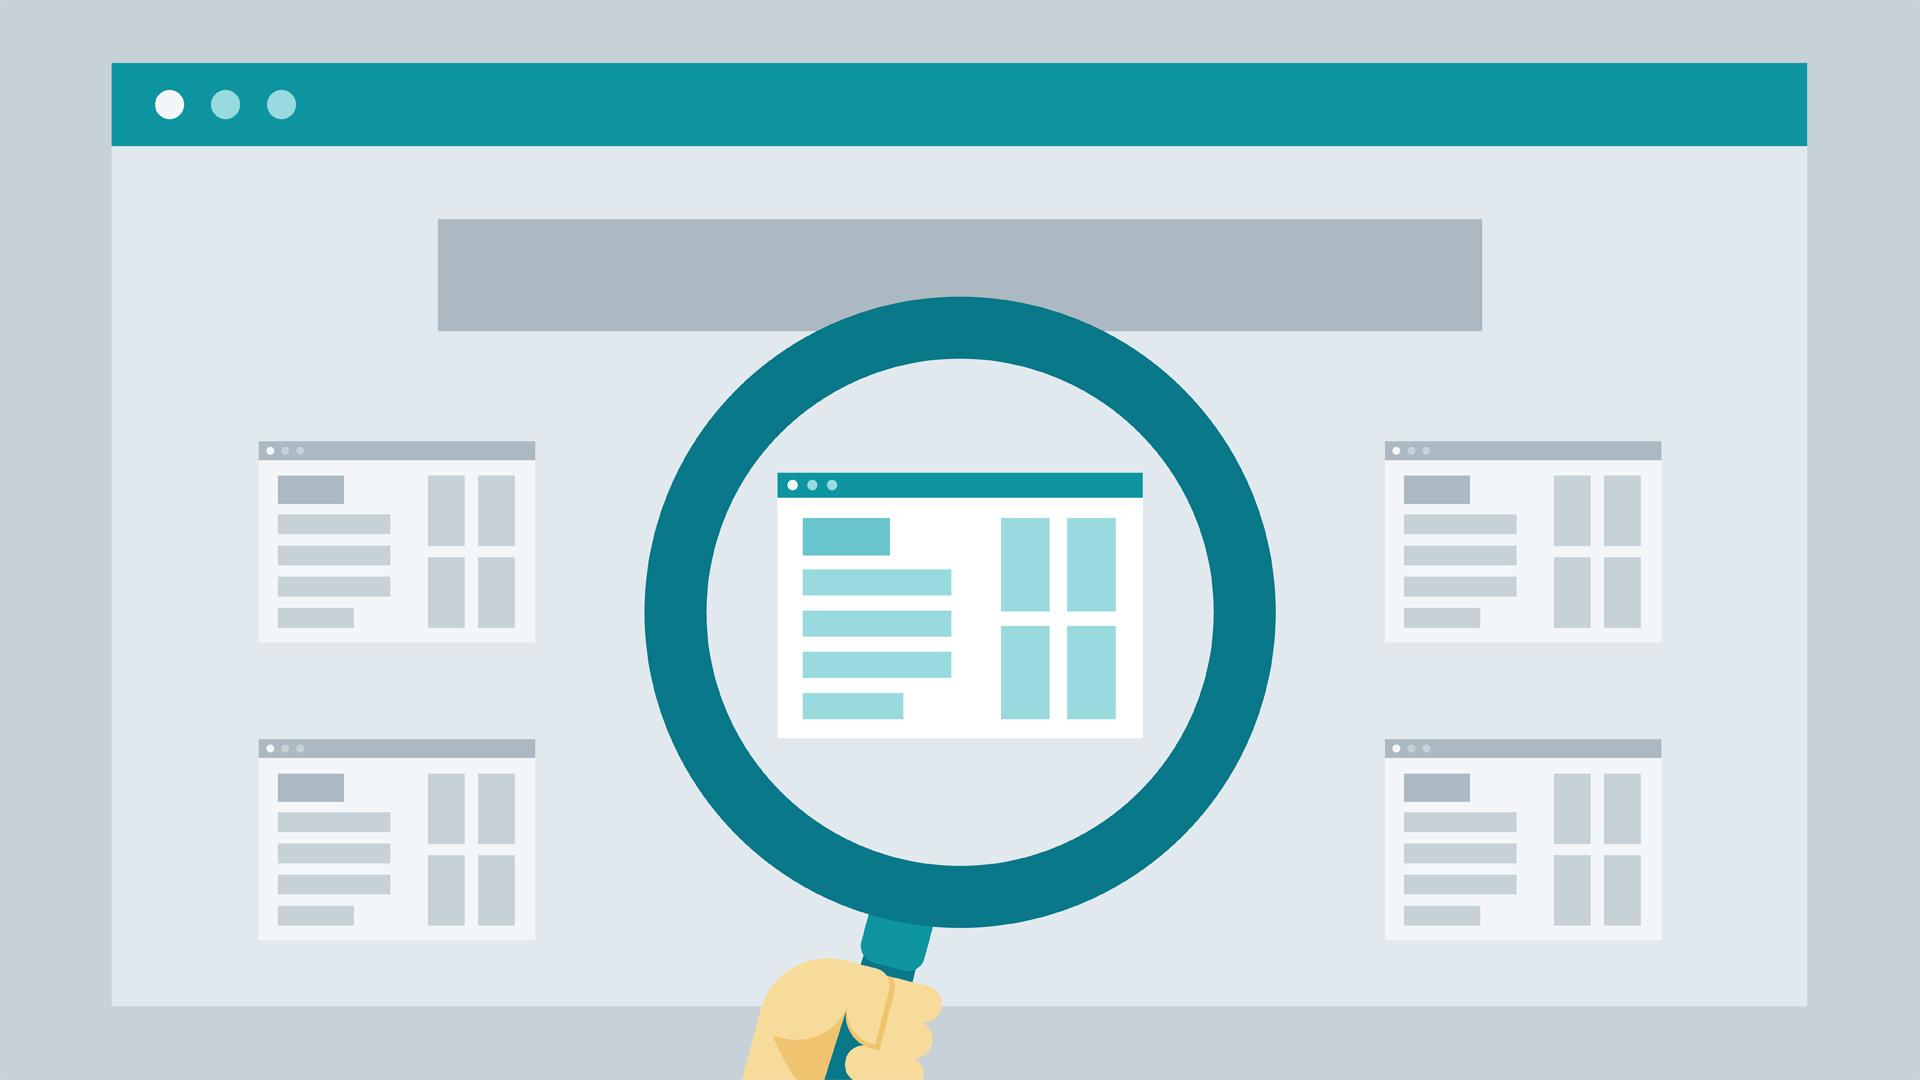 Професионална изработка на уеб сайтове, онлайн магазини и SEO оптимизация на изгодни цени в Пловдив. Поръчай изработка на уеб сайт и SEO от SEVEN.BG